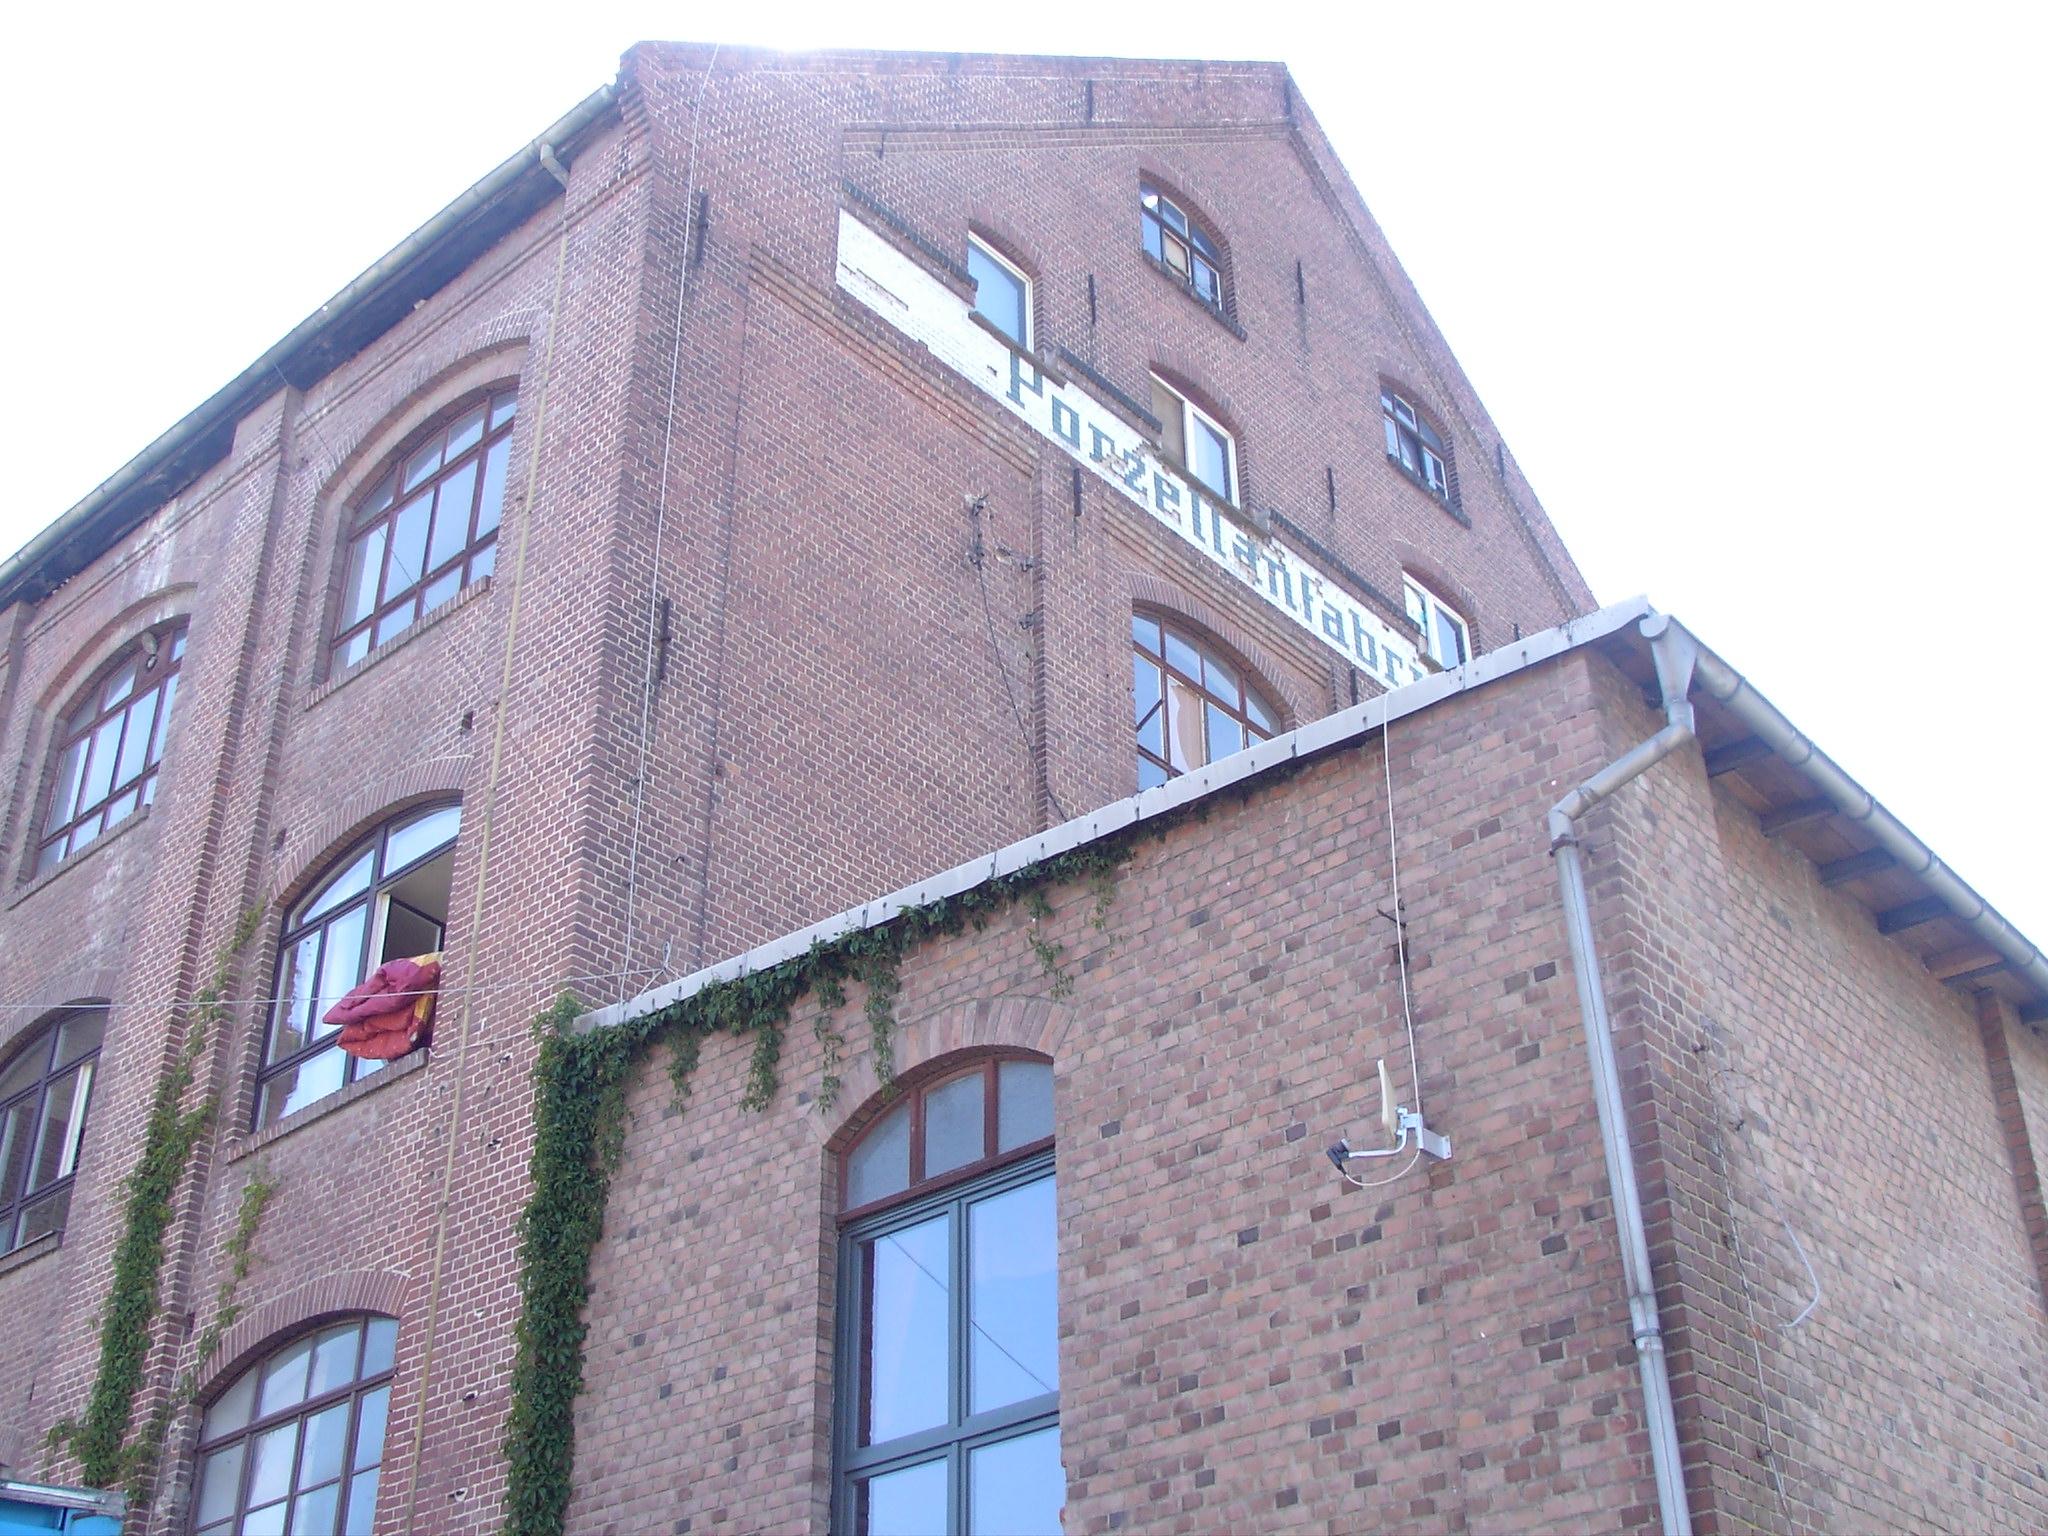 porzellanfabrik.JPG